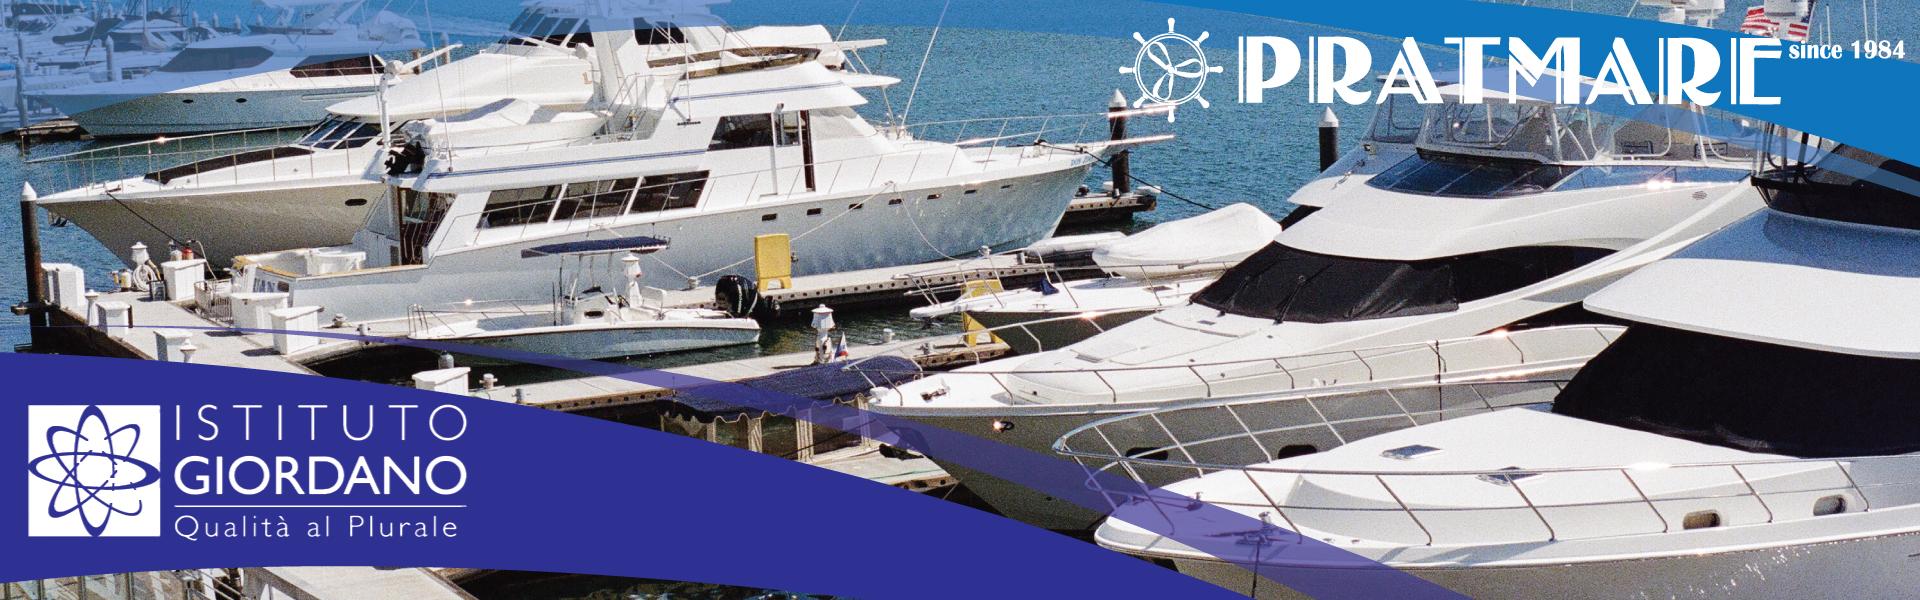 Pratmare - Servizi di Consulenza Nautica da Diporto - Messina e - Sicilia